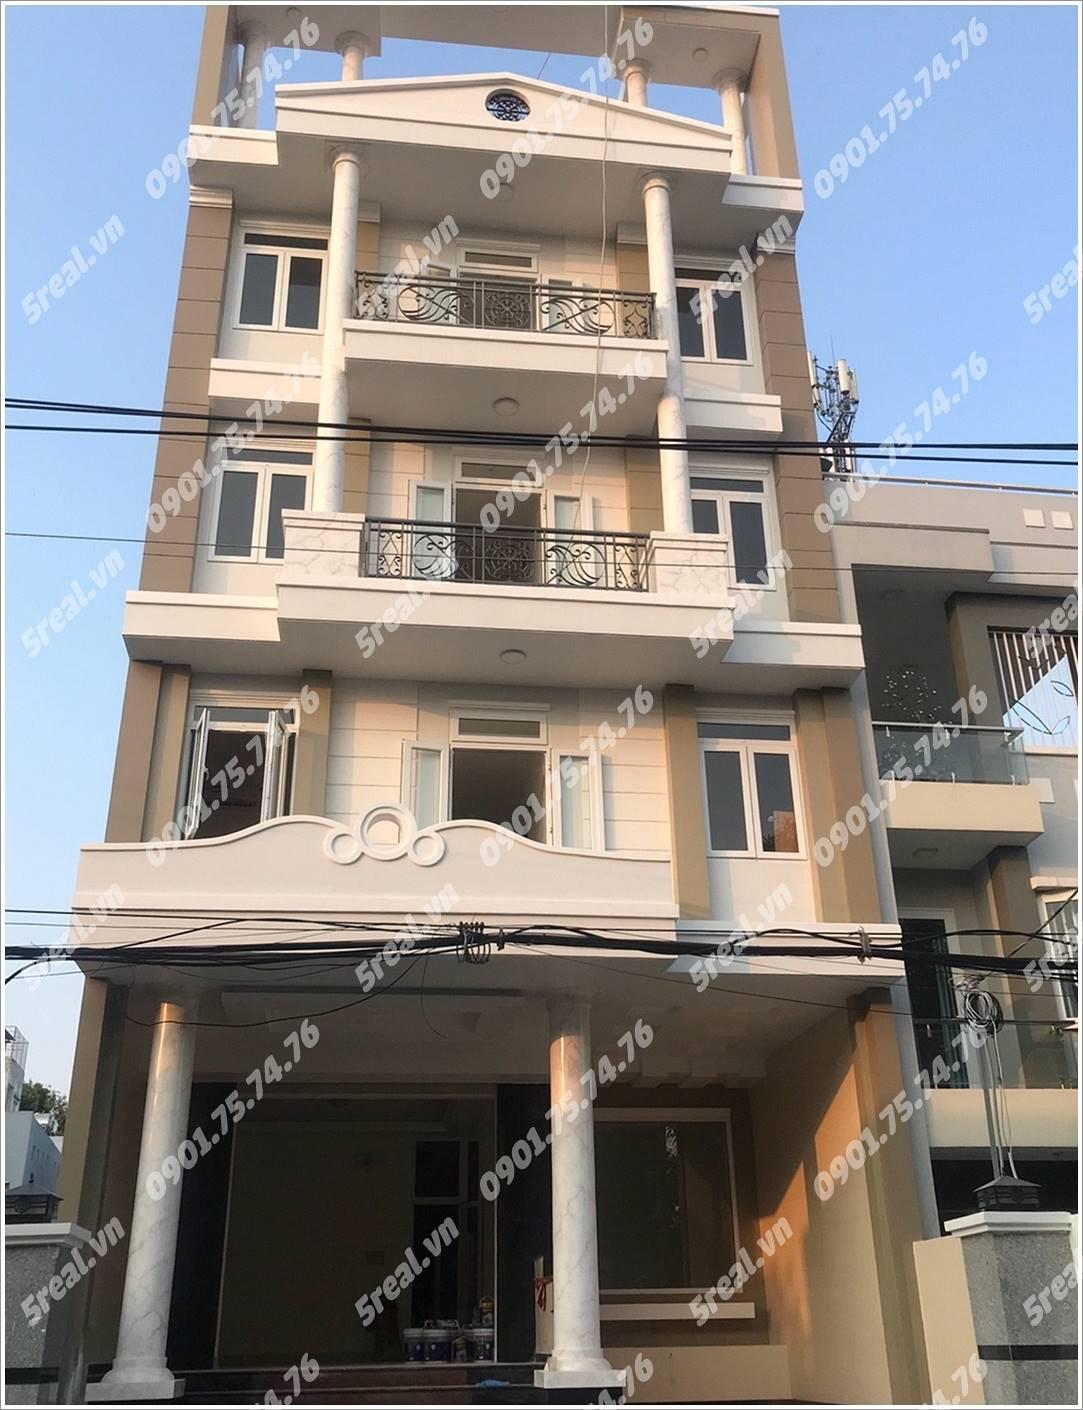 6c-building-duong-so-8-quan-thu-duc-van-phong-cho-thue-tphcm-5real.vn-01